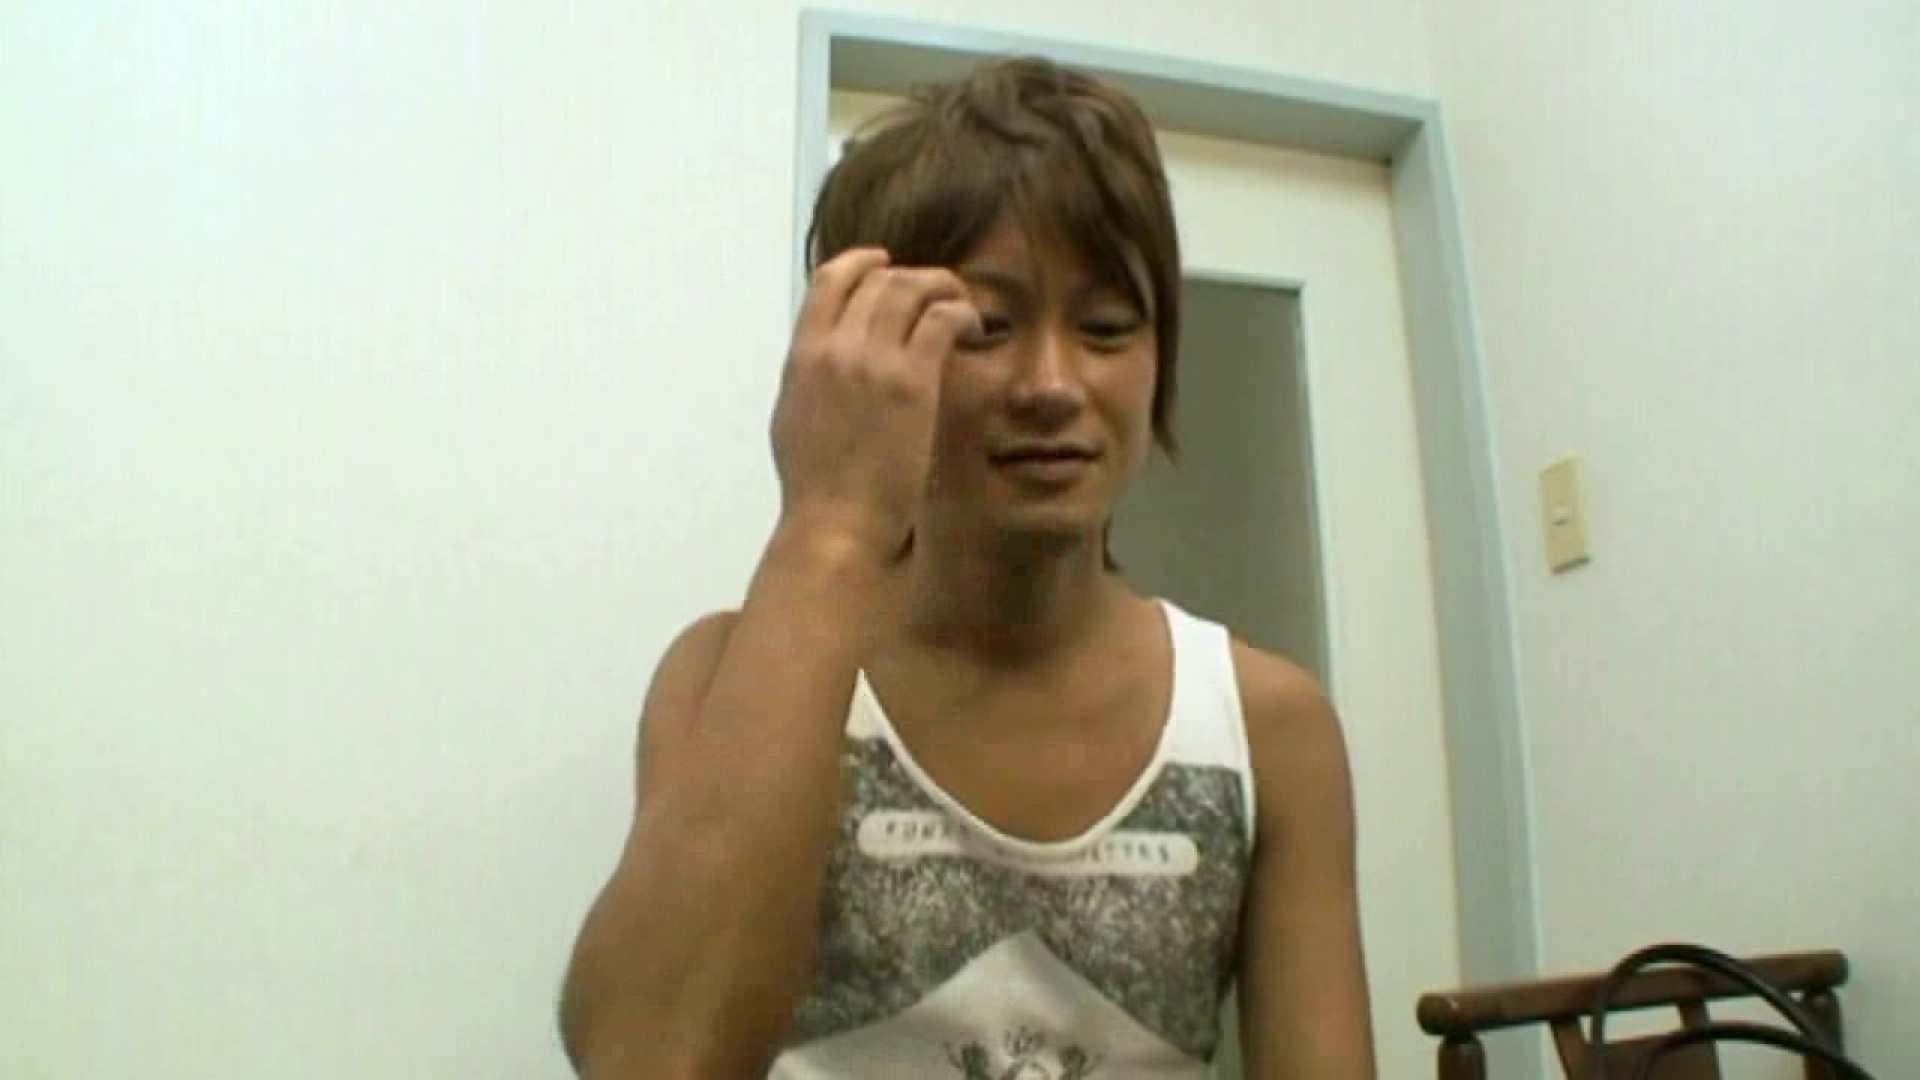 ノンケ!自慰スタジオ No.05 ゲイのオナニー映像   男祭り  103枚 46